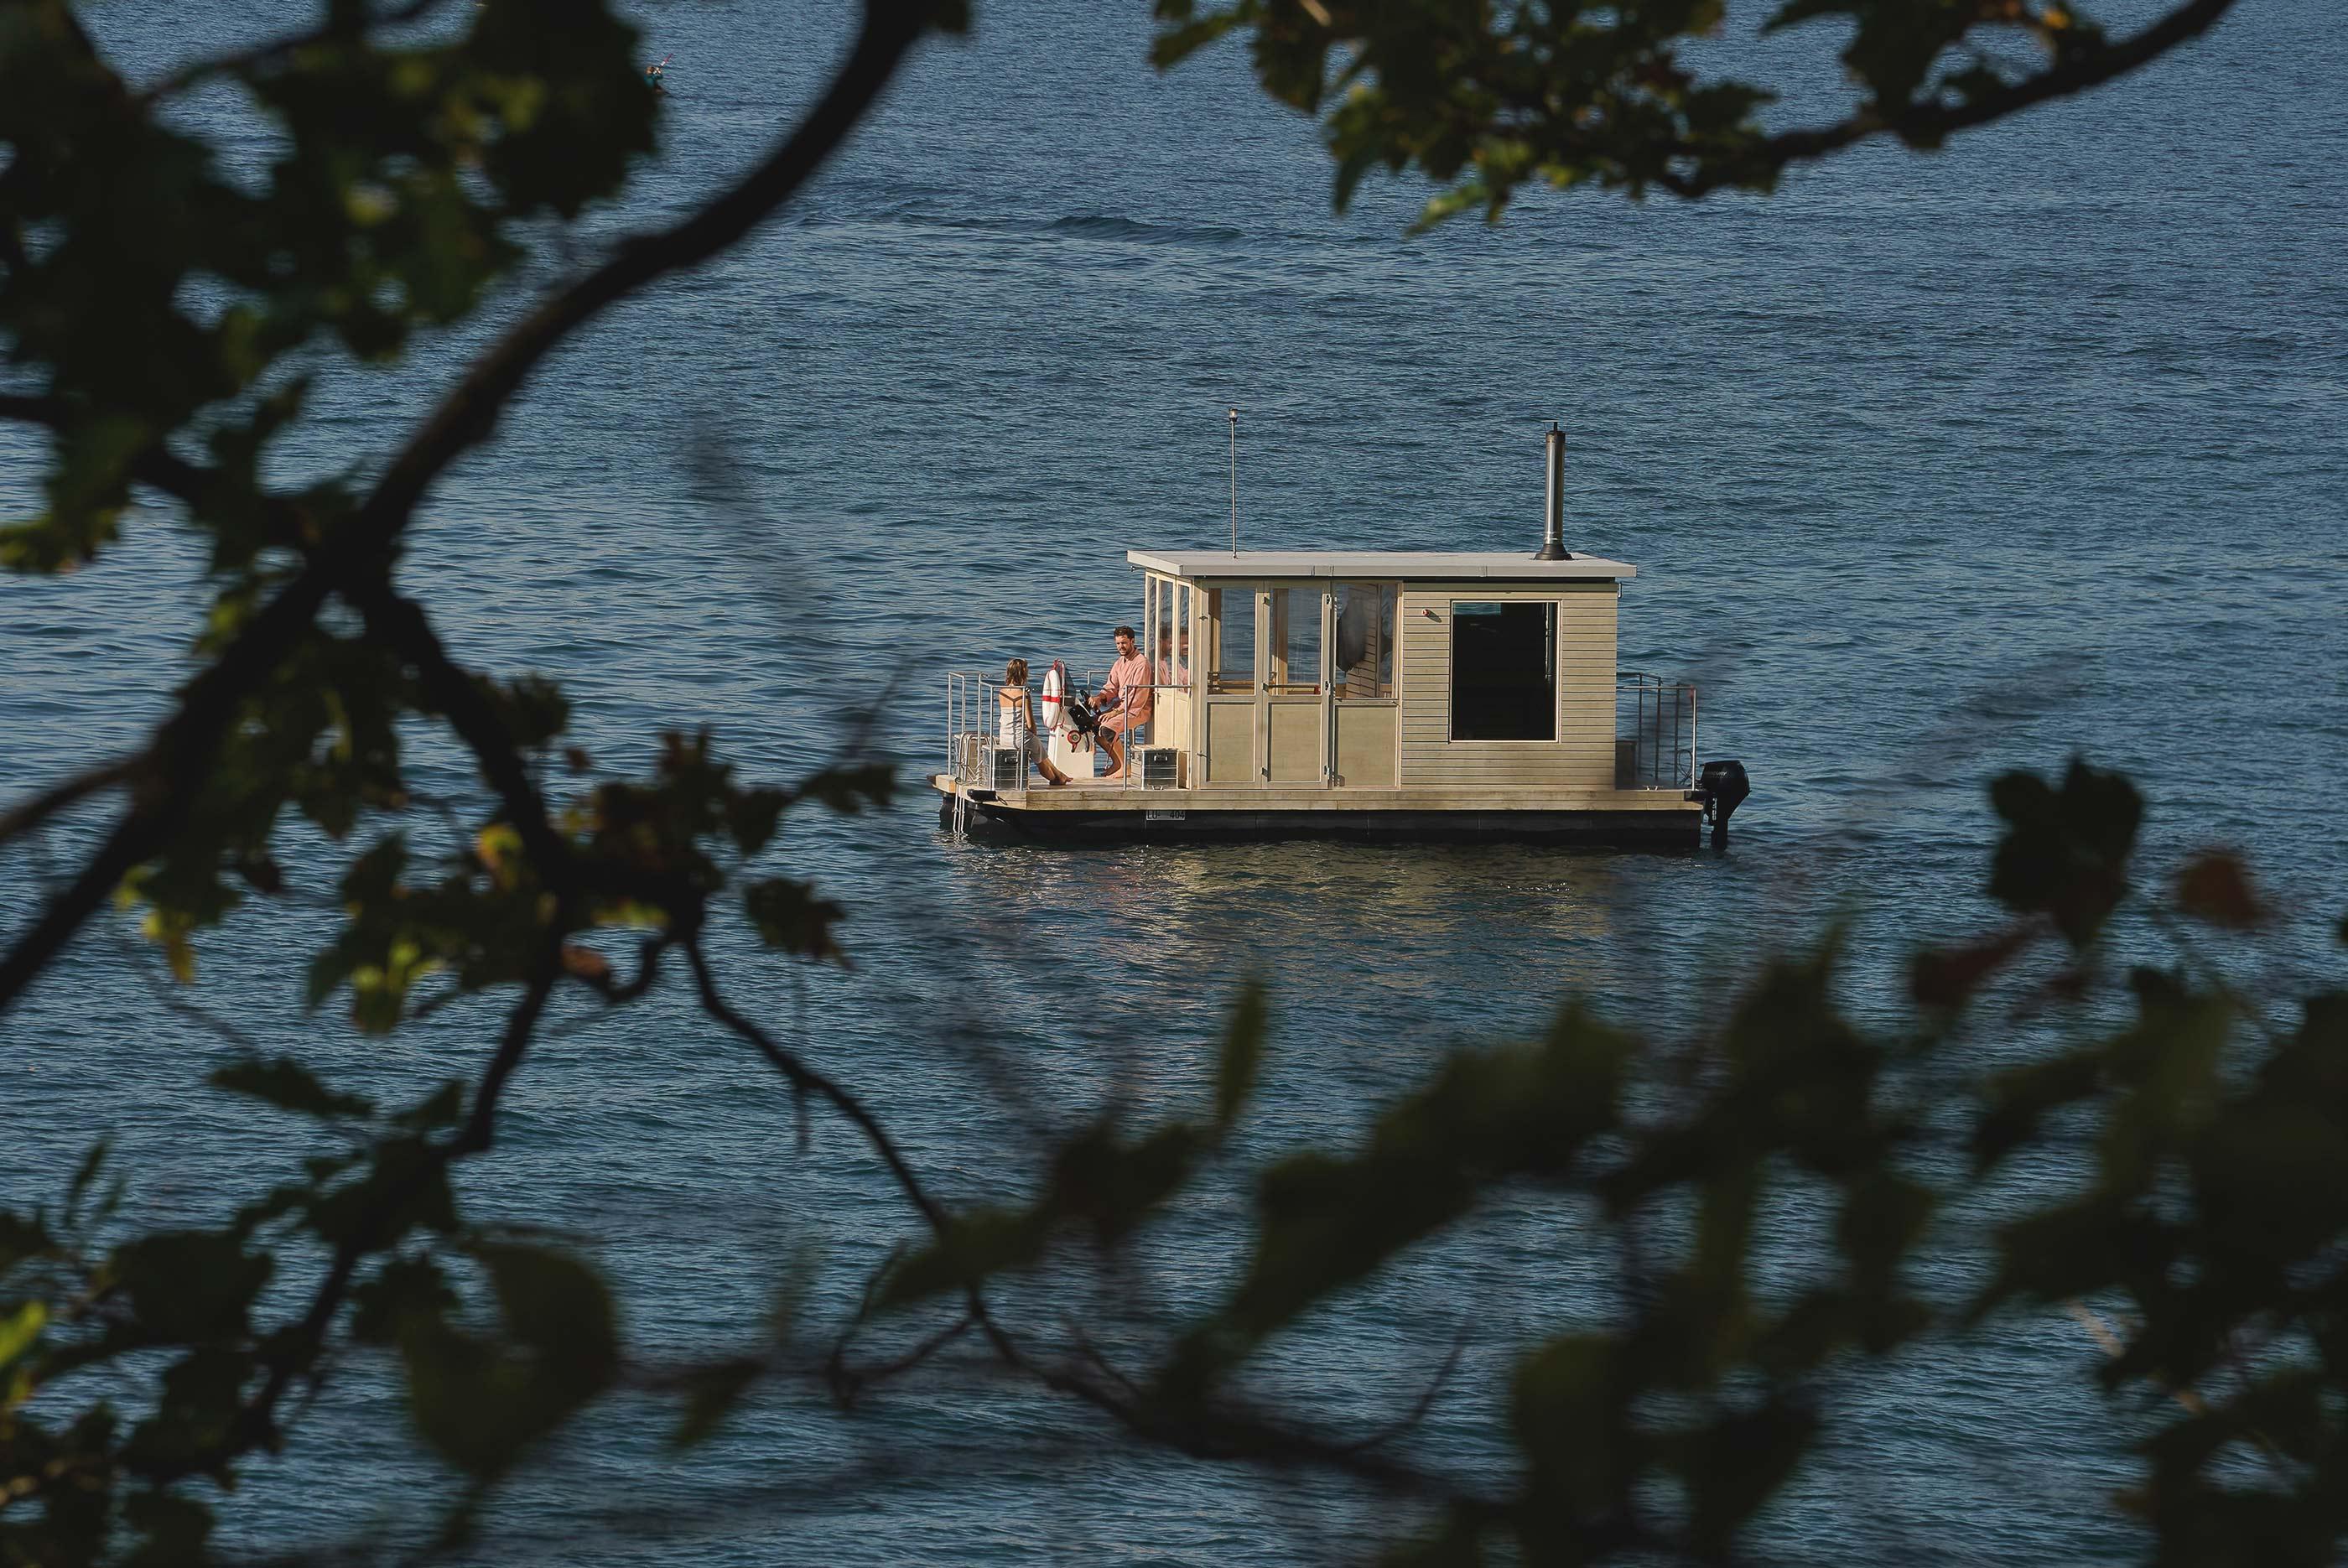 Saunaboot Gutschein - das Sauna Erlebnis mitten auf dem Vierwaldstättersee